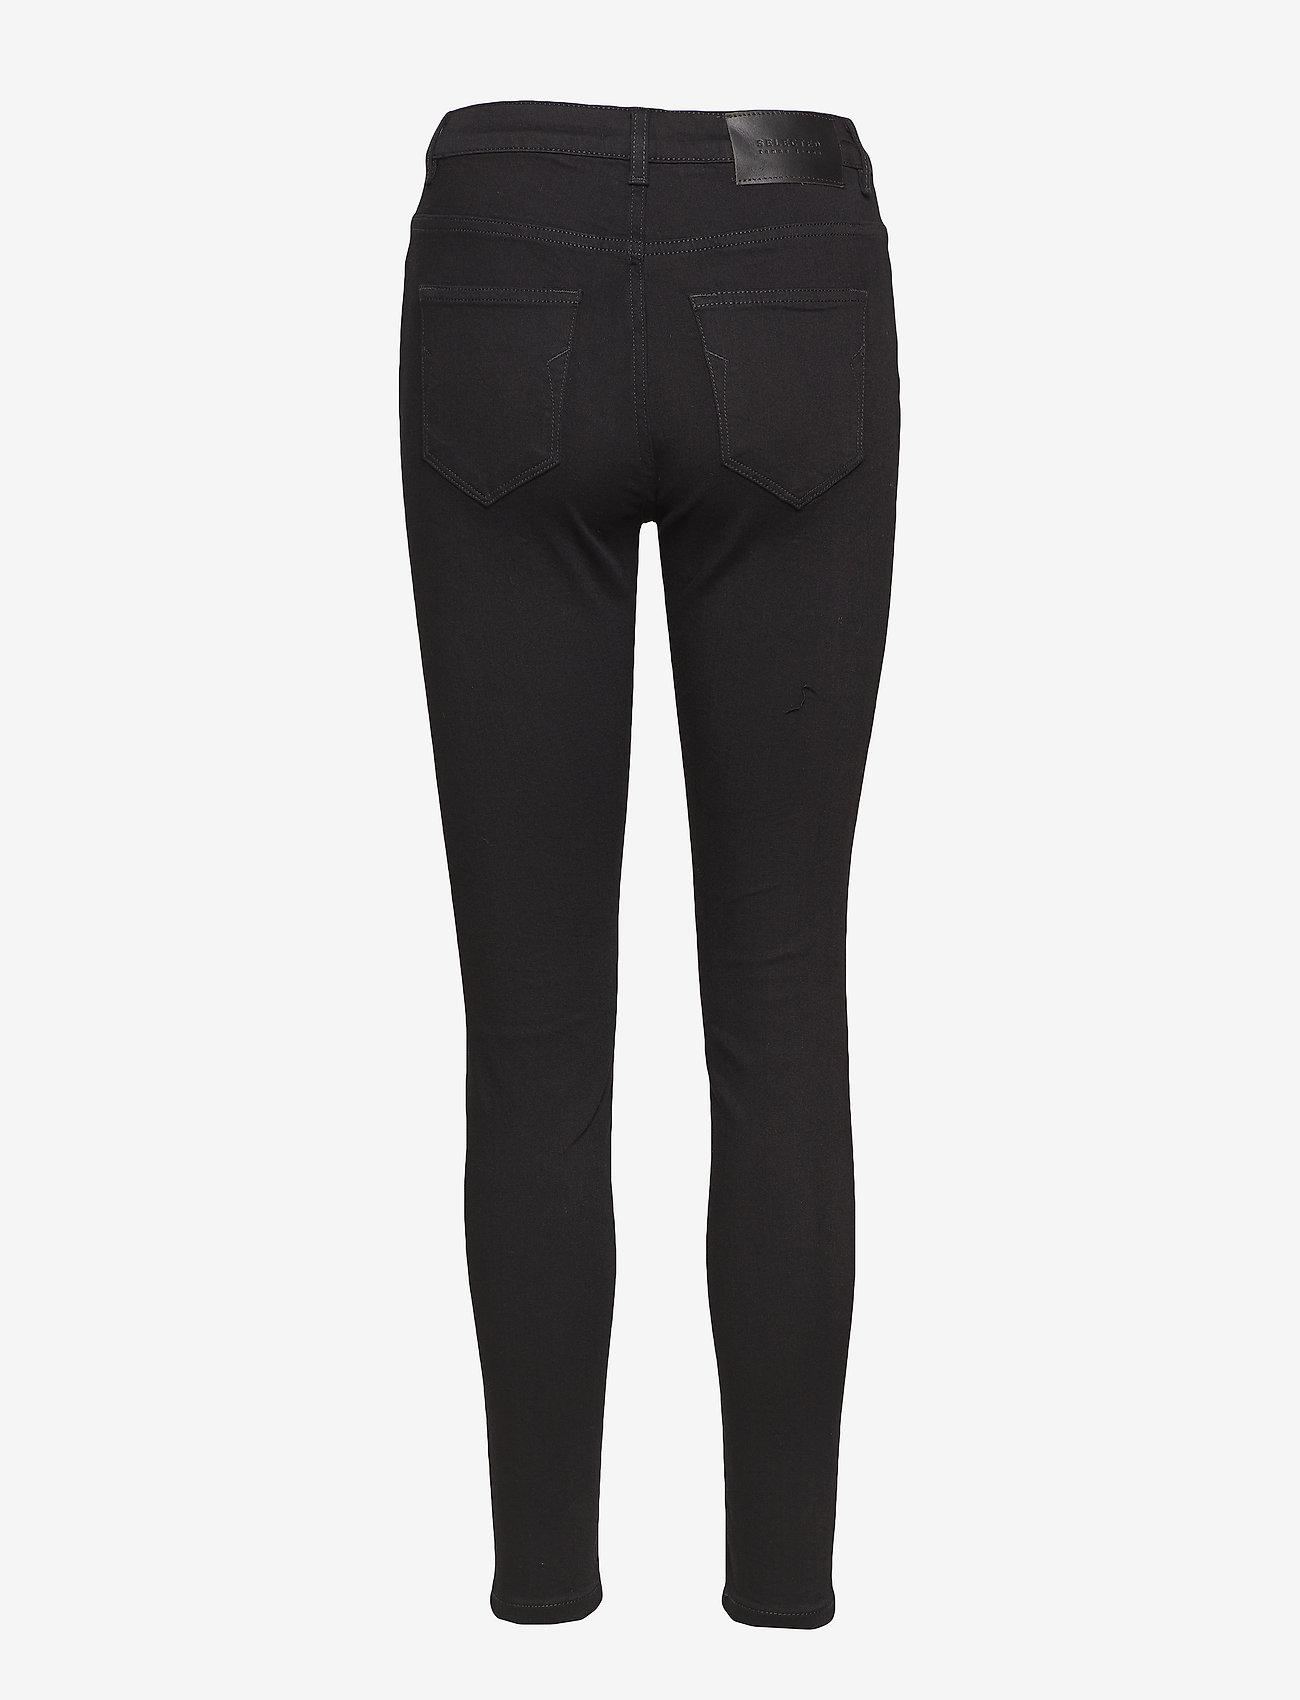 Selected Femme - SLFMAGGIE HW SKINNY BLACK JEANS W NOOS - spodnie rurki - black denim - 1